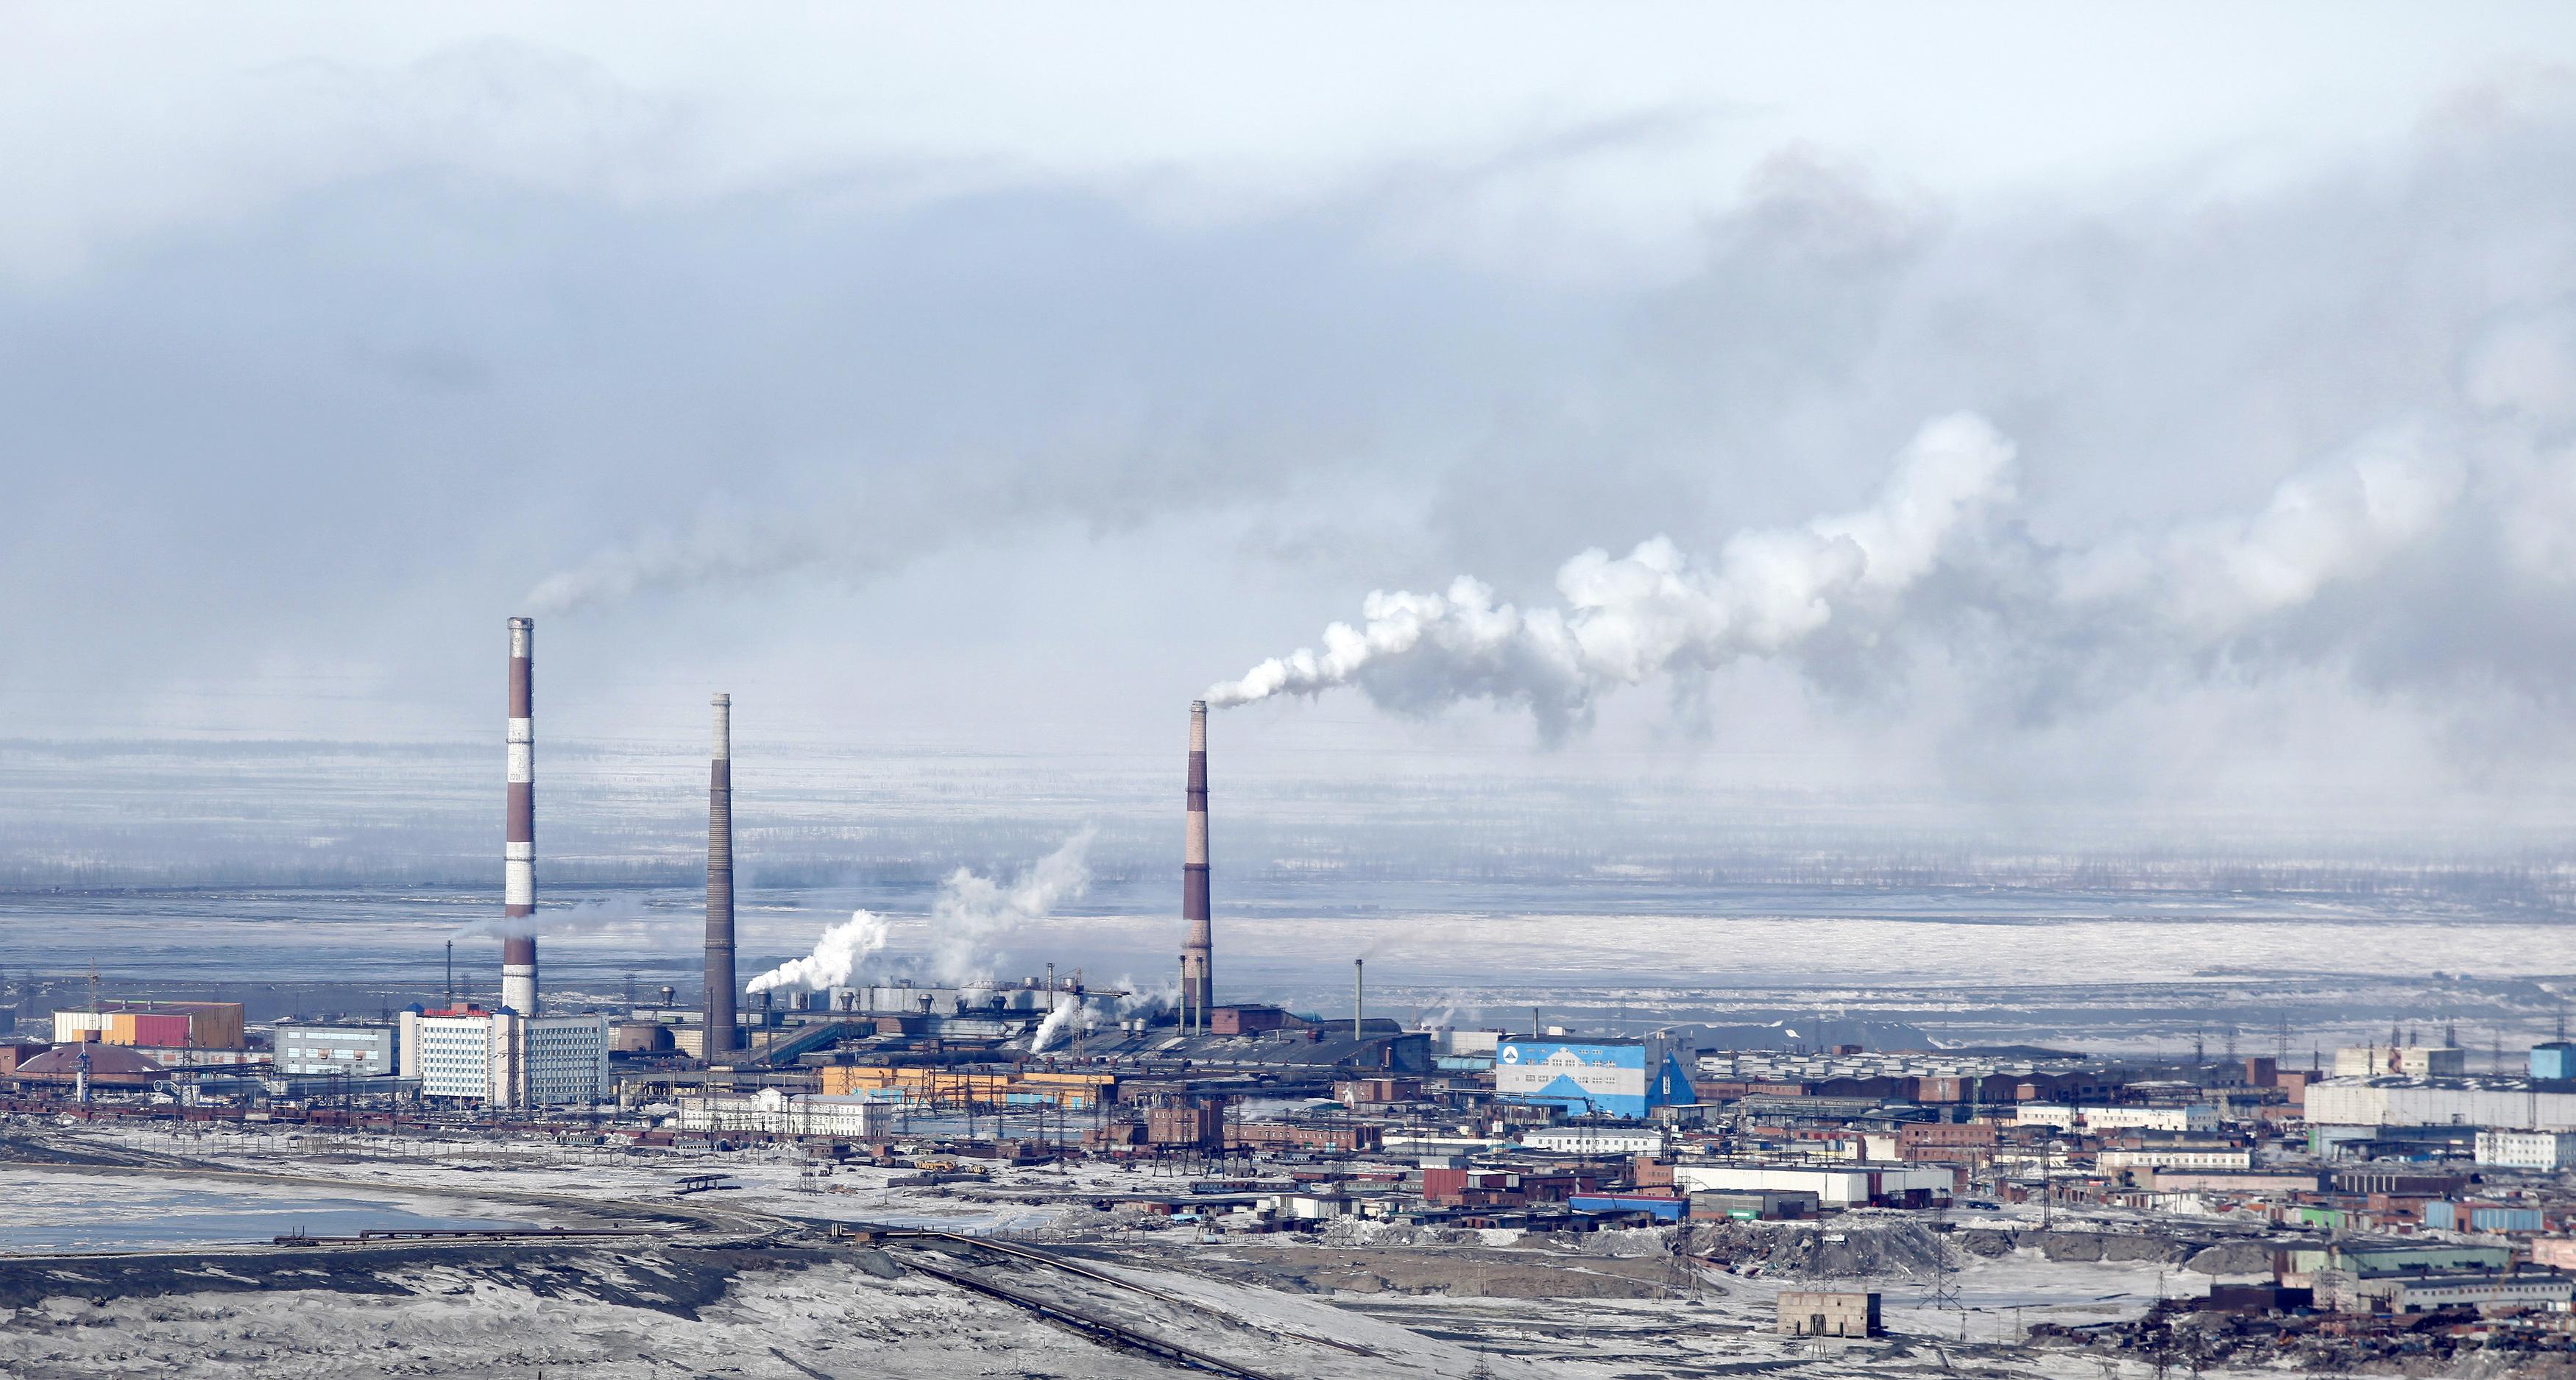 Экс-мэру Норильска утвердили обвинение из-за разлива топлива